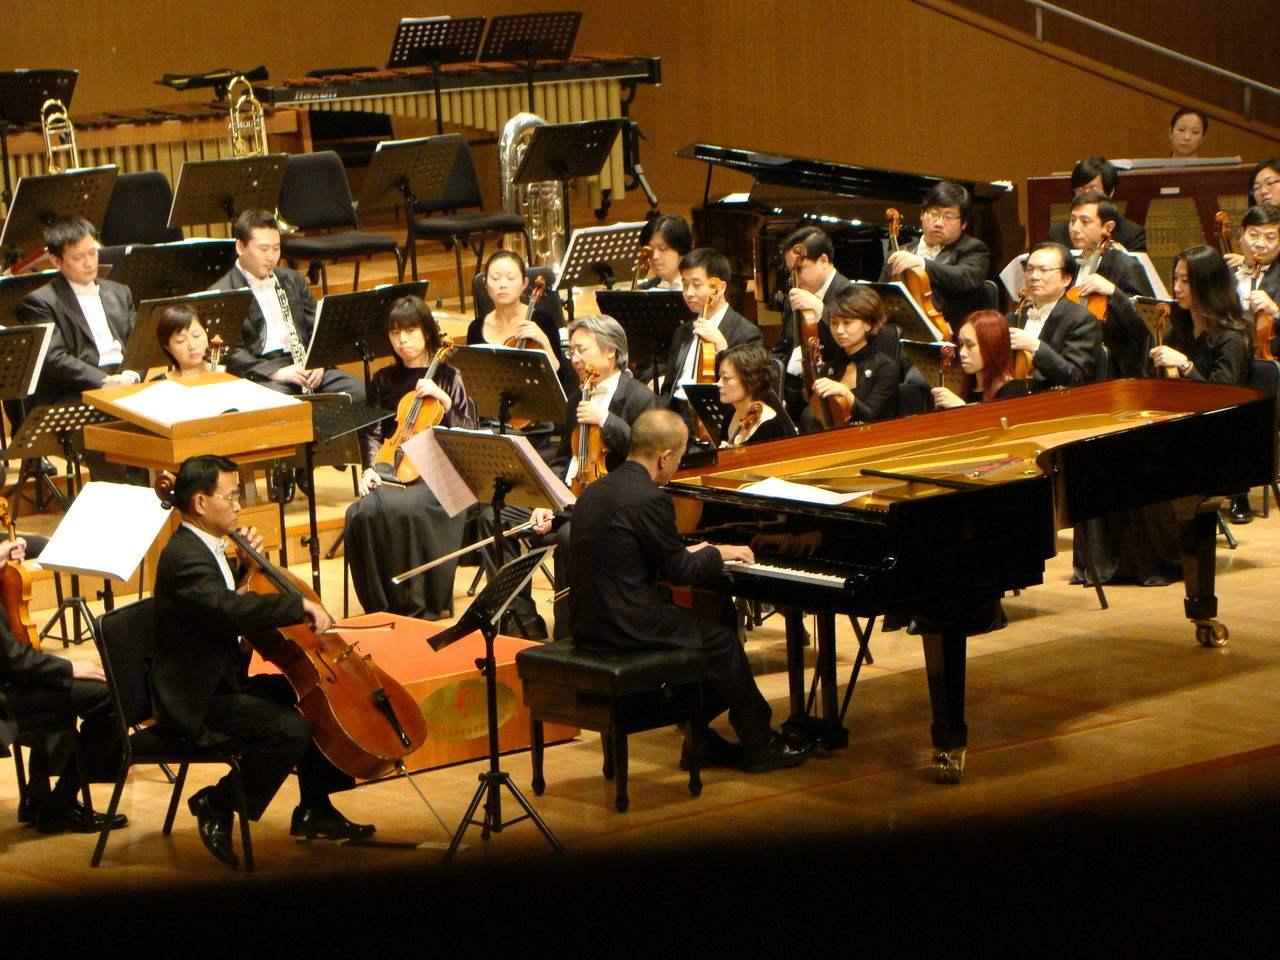 久石让宫崎骏精选视听音乐会4月北京站,音乐经典音画合一